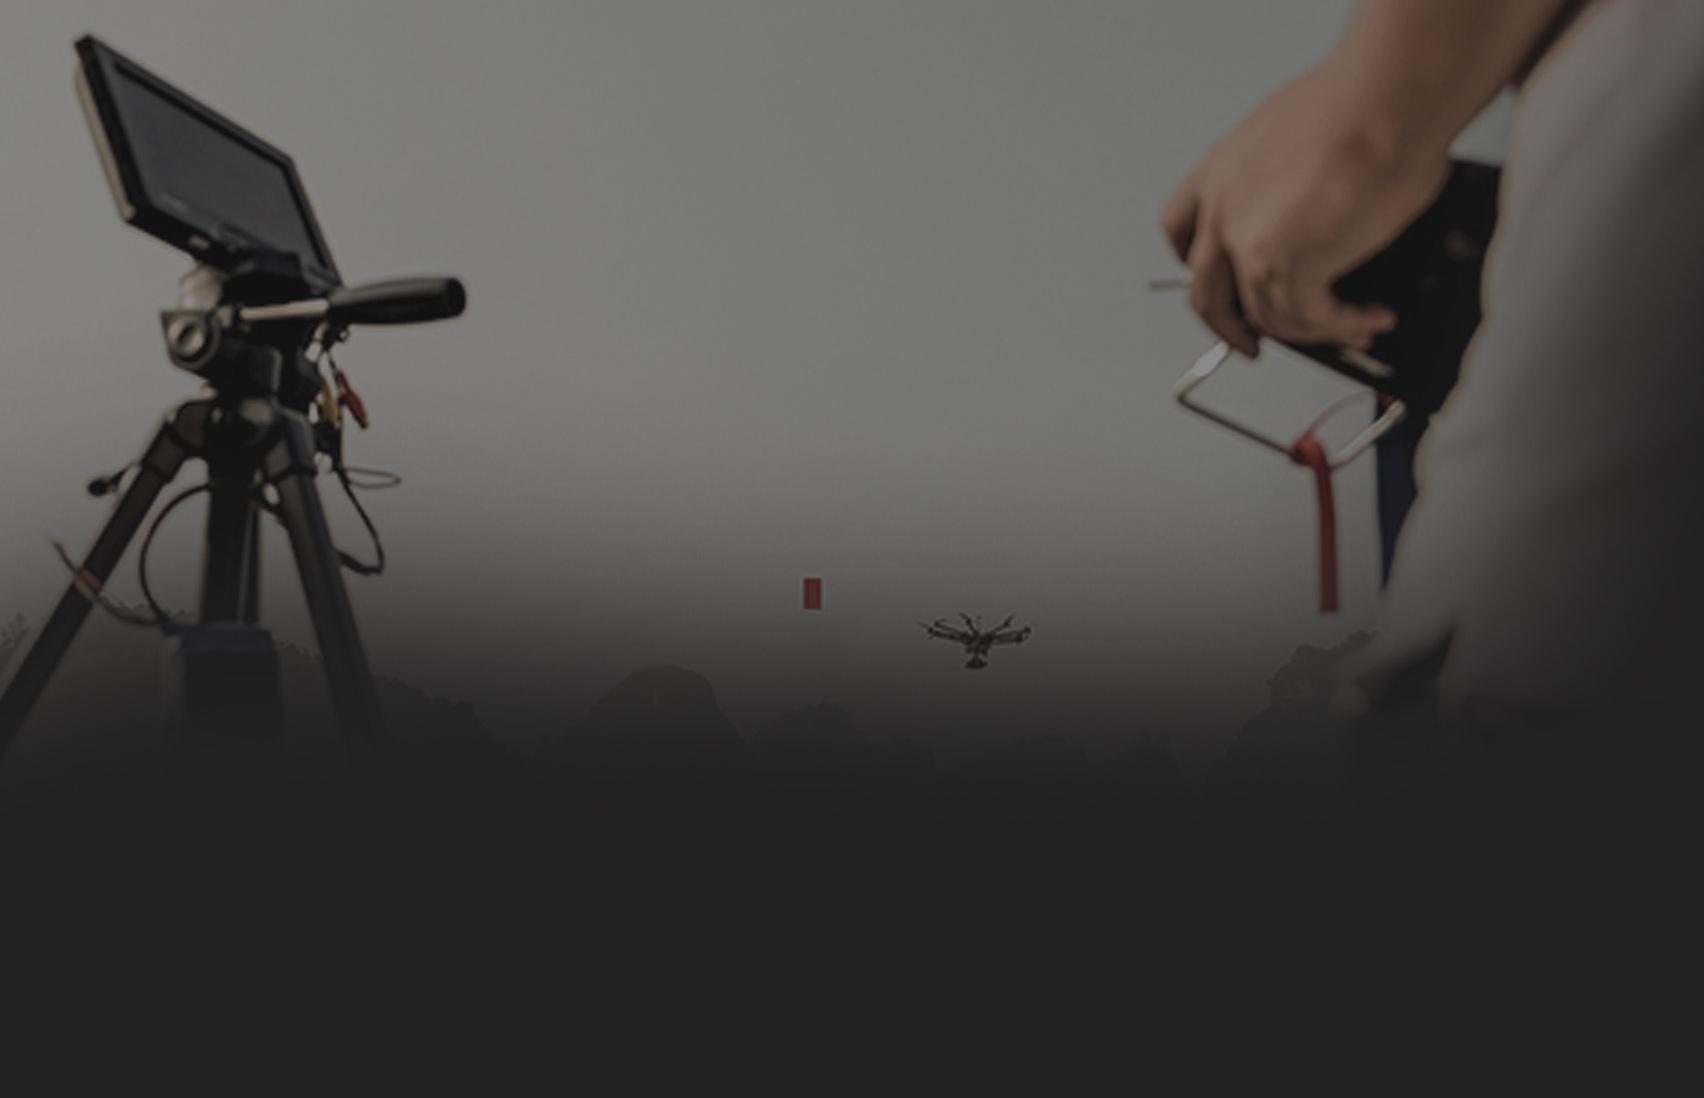 Un pilote de drone amateur en justice